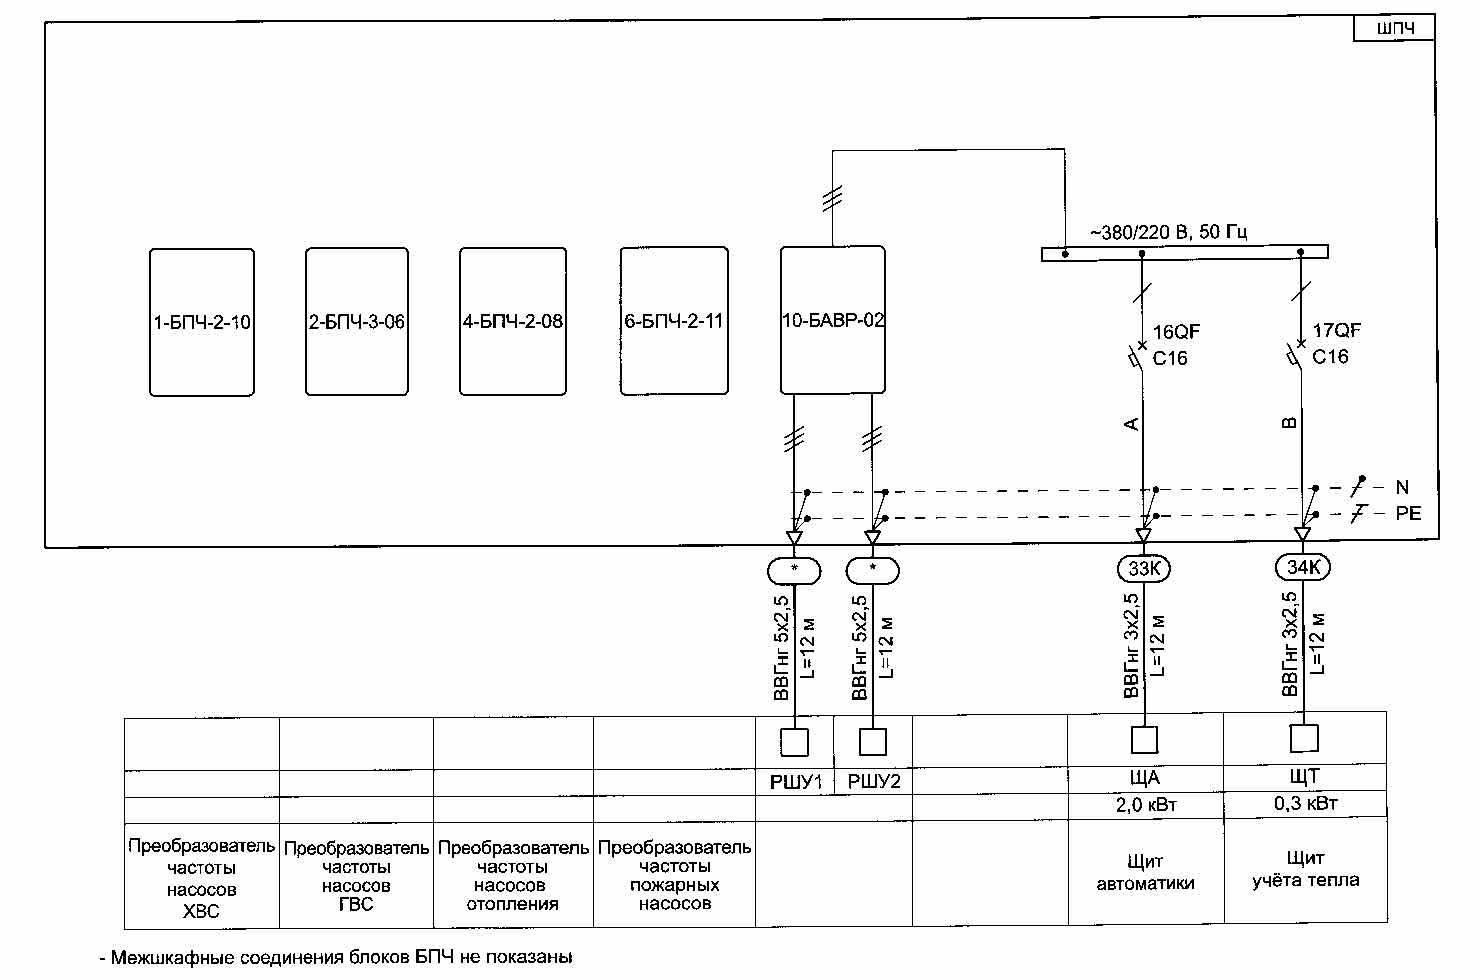 определение однолинейная схема электроснабжения